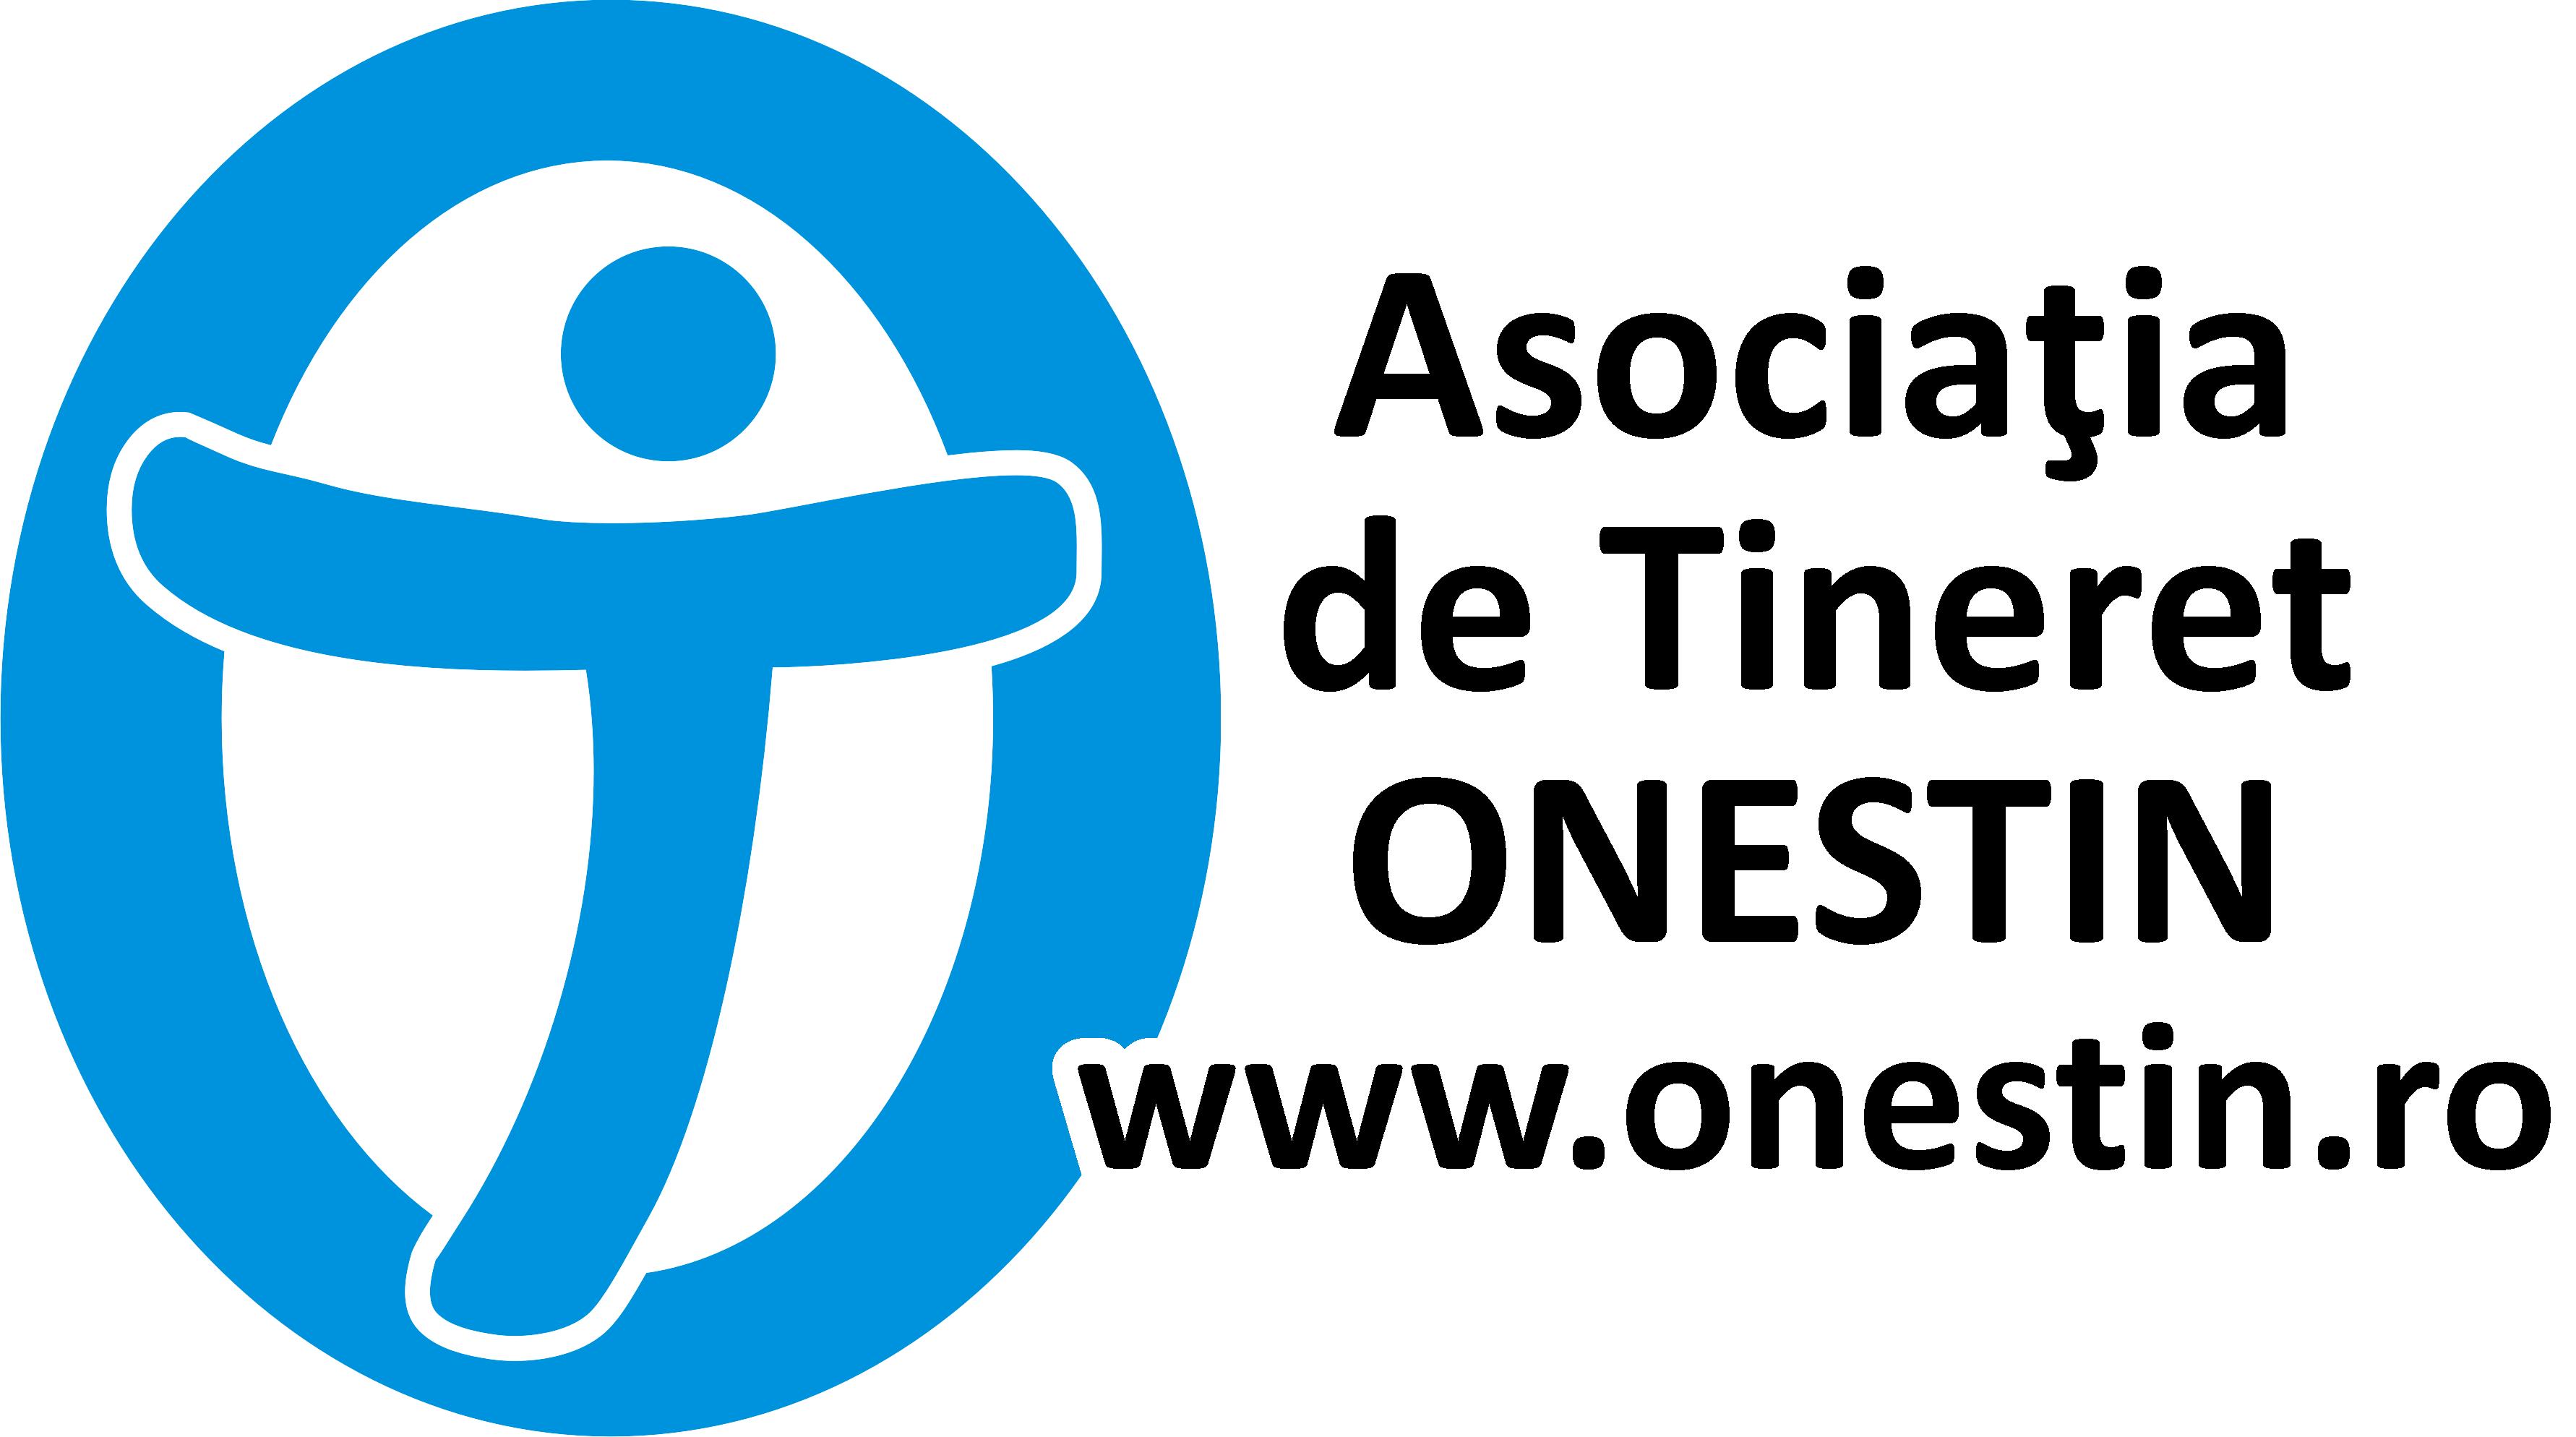 Asociatia de Tineret ONESTIN